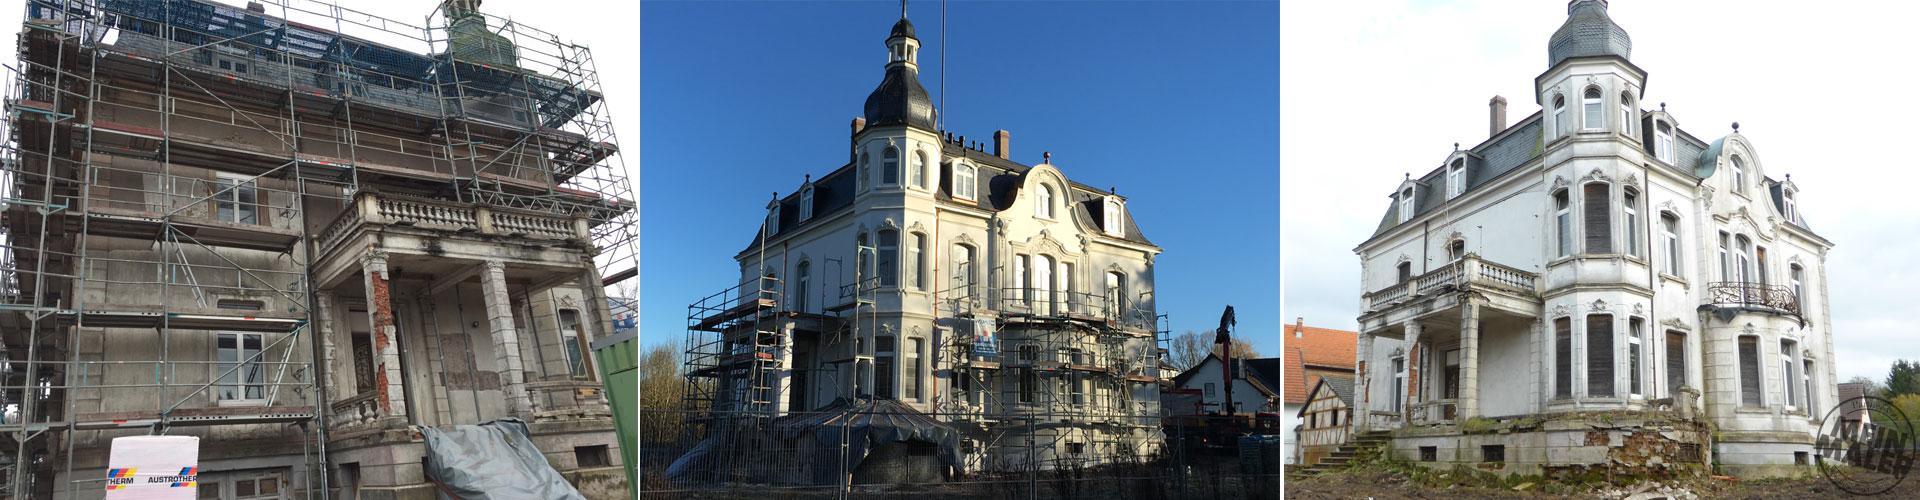 Sachs Raumwerkstatt / Restaurierung / Villa Raab / Fassadensanierung / Sandstrahlarbeiten / Denkmalpflege / Alsfeld / Fulda / Gießen